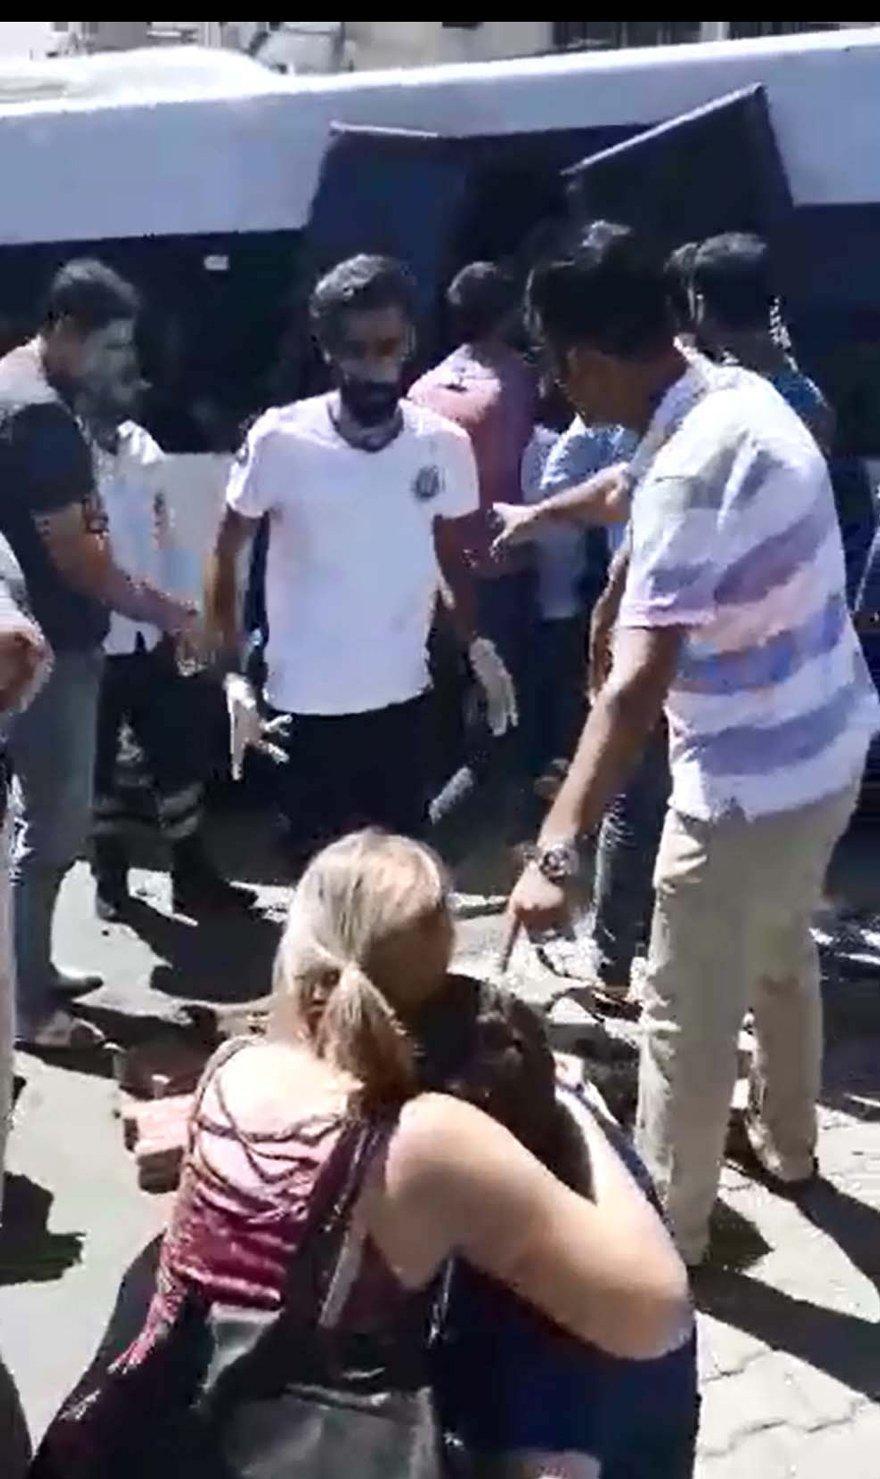 Yaralıların olay yerindeki eşyalarını çalmaya çalıştılar. DHA